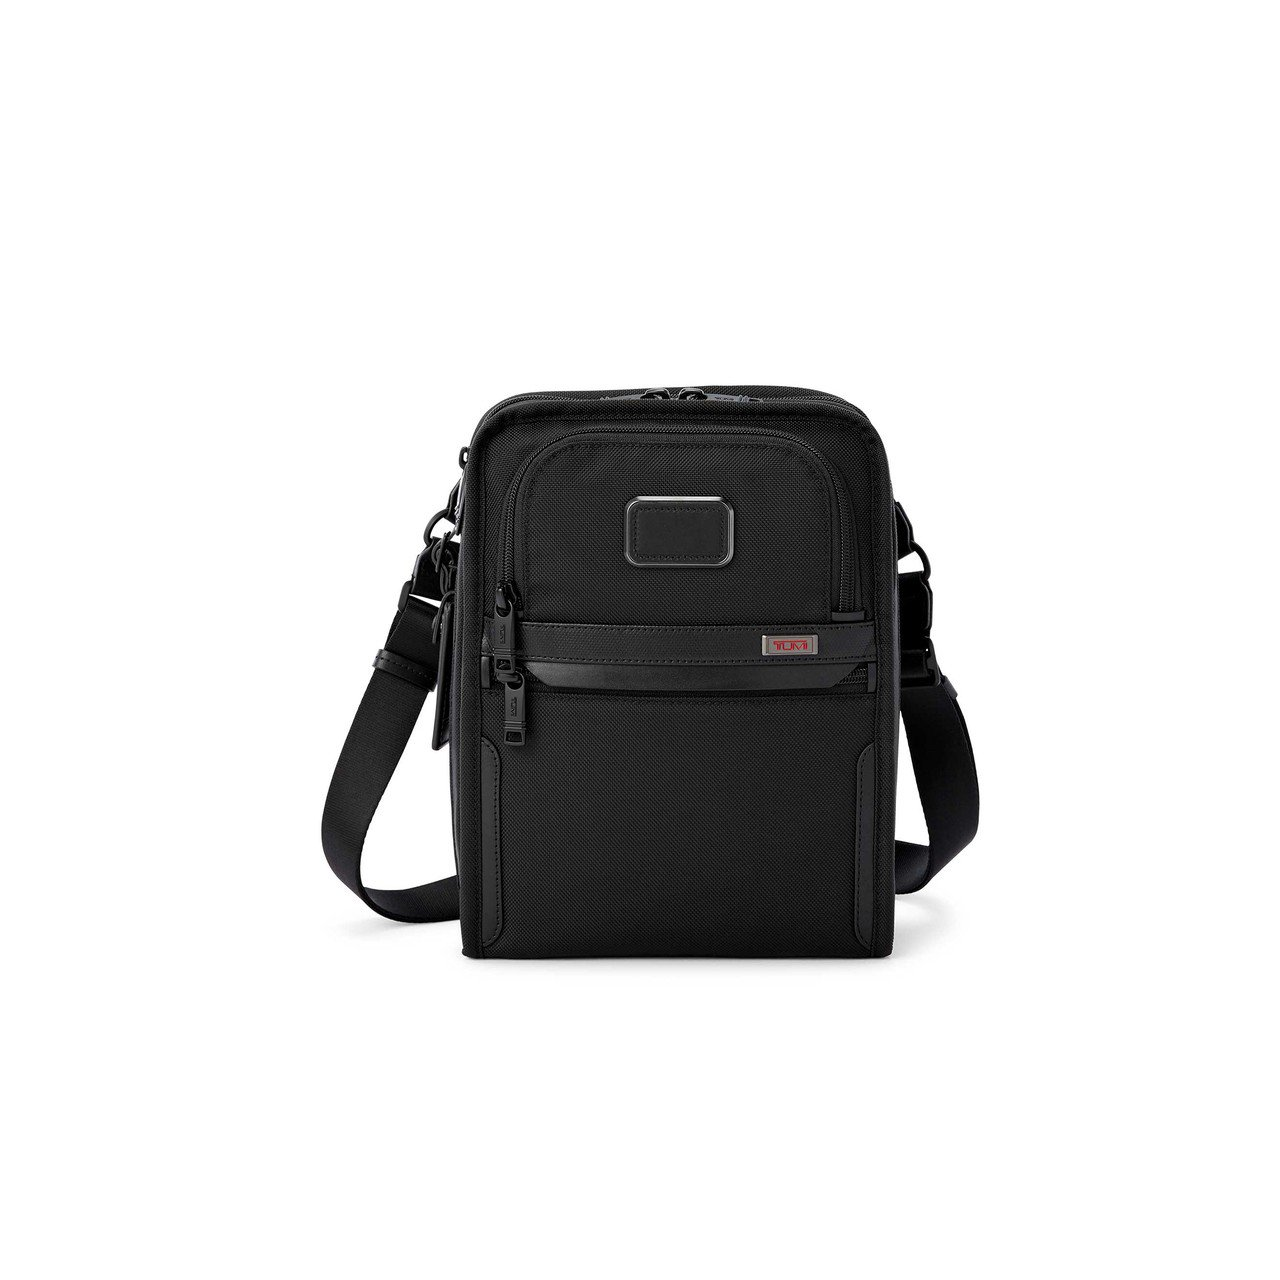 TUMI Alpha 3 黑色托特包11,200元。圖/TUMI提供